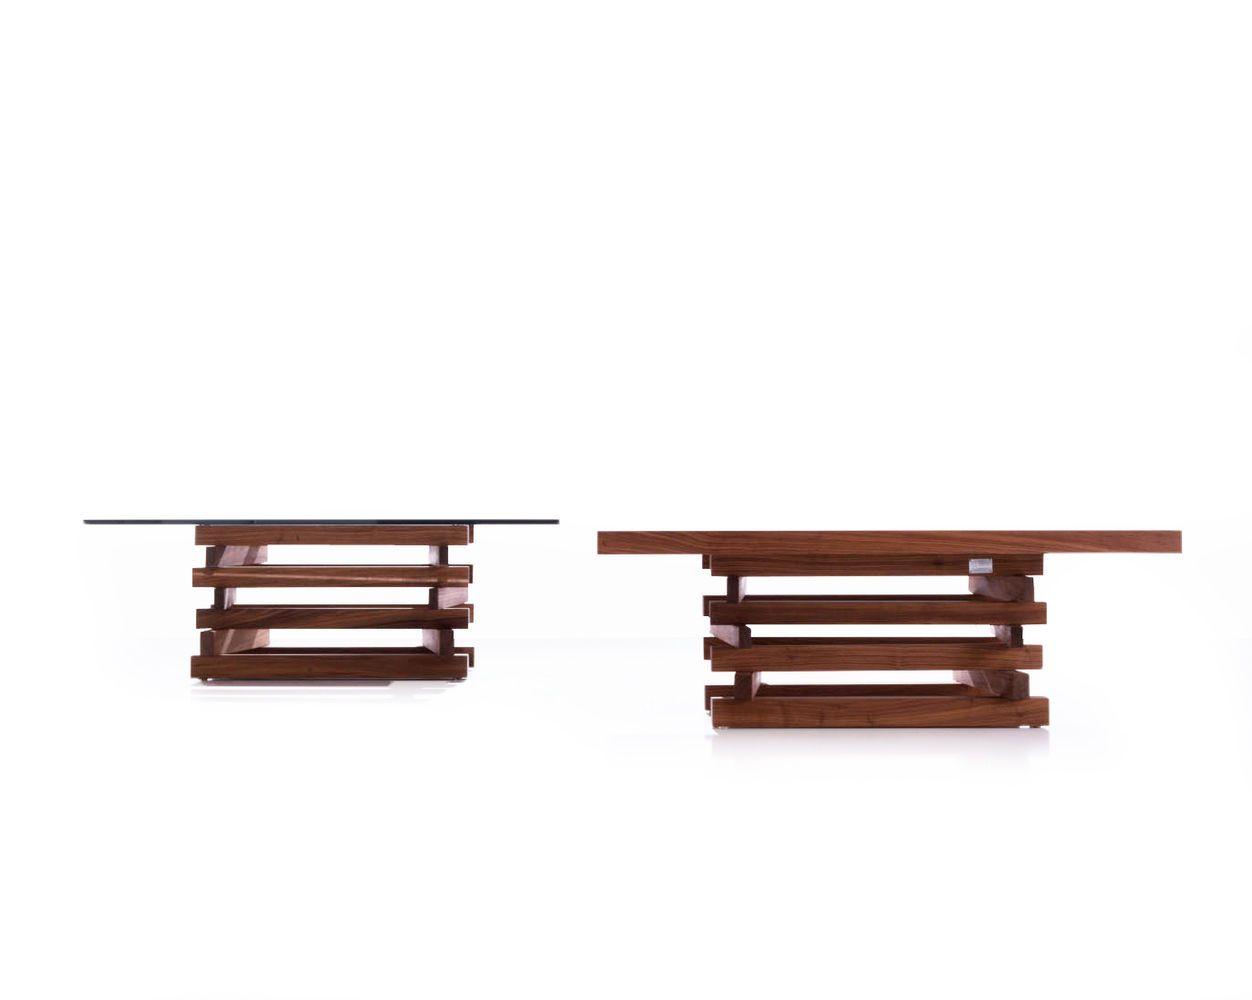 Tavolino composto da una struttura costituita da liste di legno massello, assemblate e incollate completamente a mano. Disponibile con il topin legno massello spessore 5 cm, oppure con il top incristallo trasparente temperato spessore 1,5 cm.